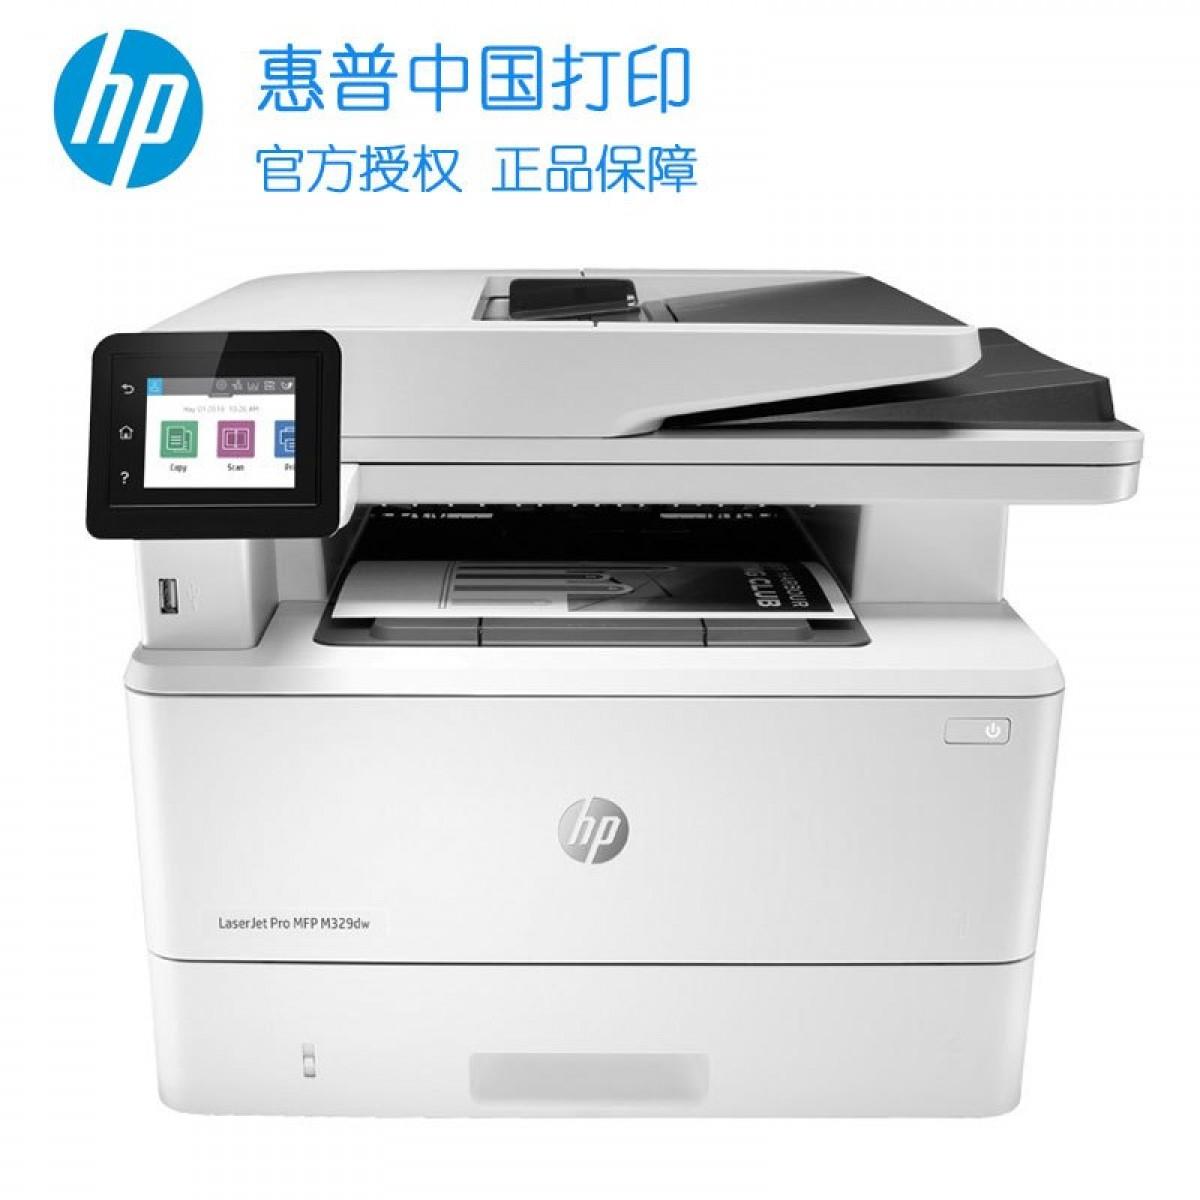 惠普HP黑白激光一体机 LaserJet Pro MFP M329dw(A4幅面/打印+复印+扫描/自动双面/无线打印)